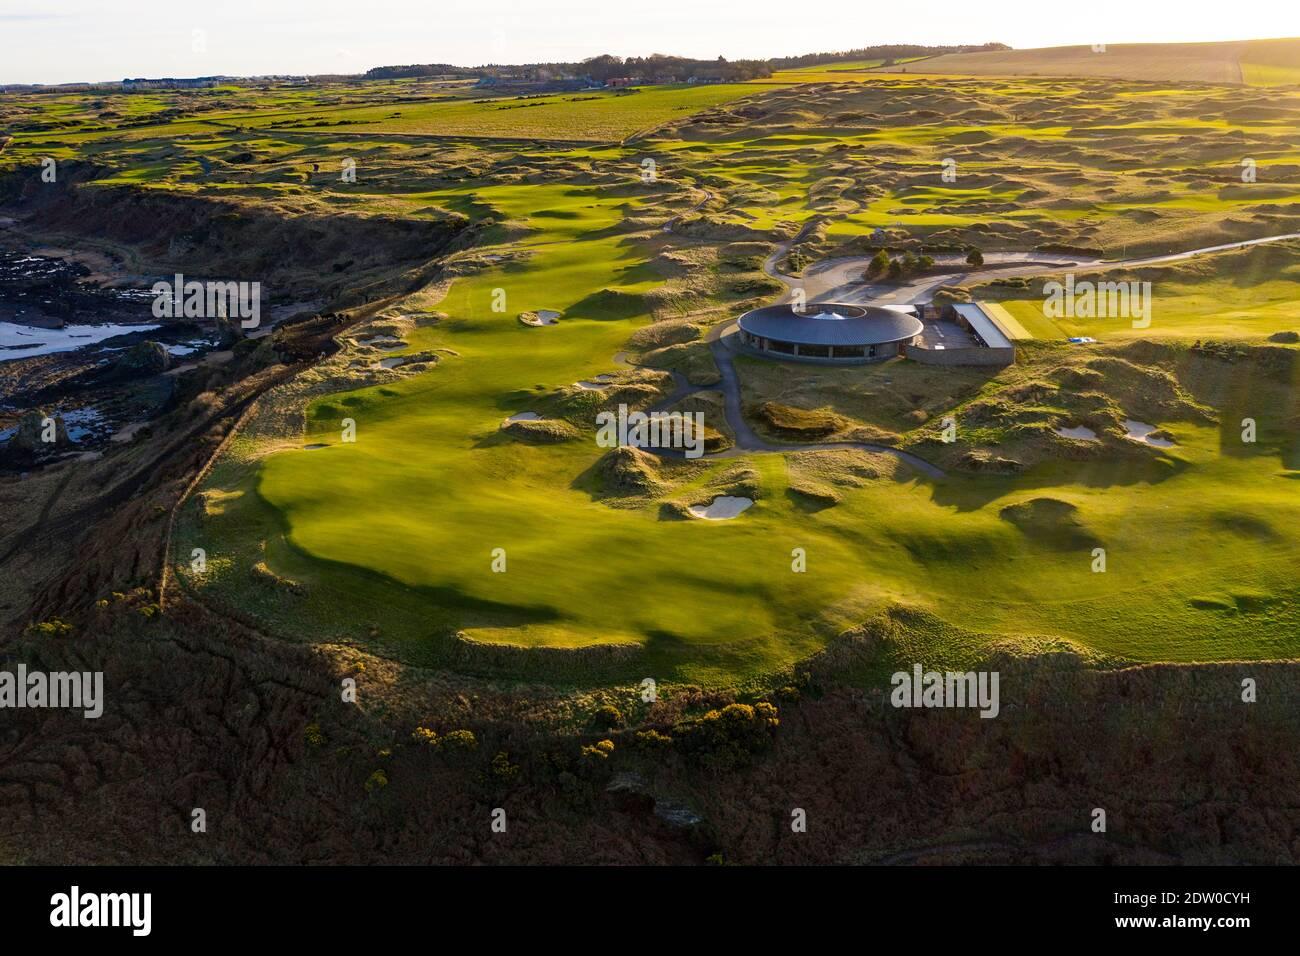 Luftaufnahme der Castle Course Golf Links außerhalb von St Andrews in Fife, Schottland, Großbritannien Stockfoto